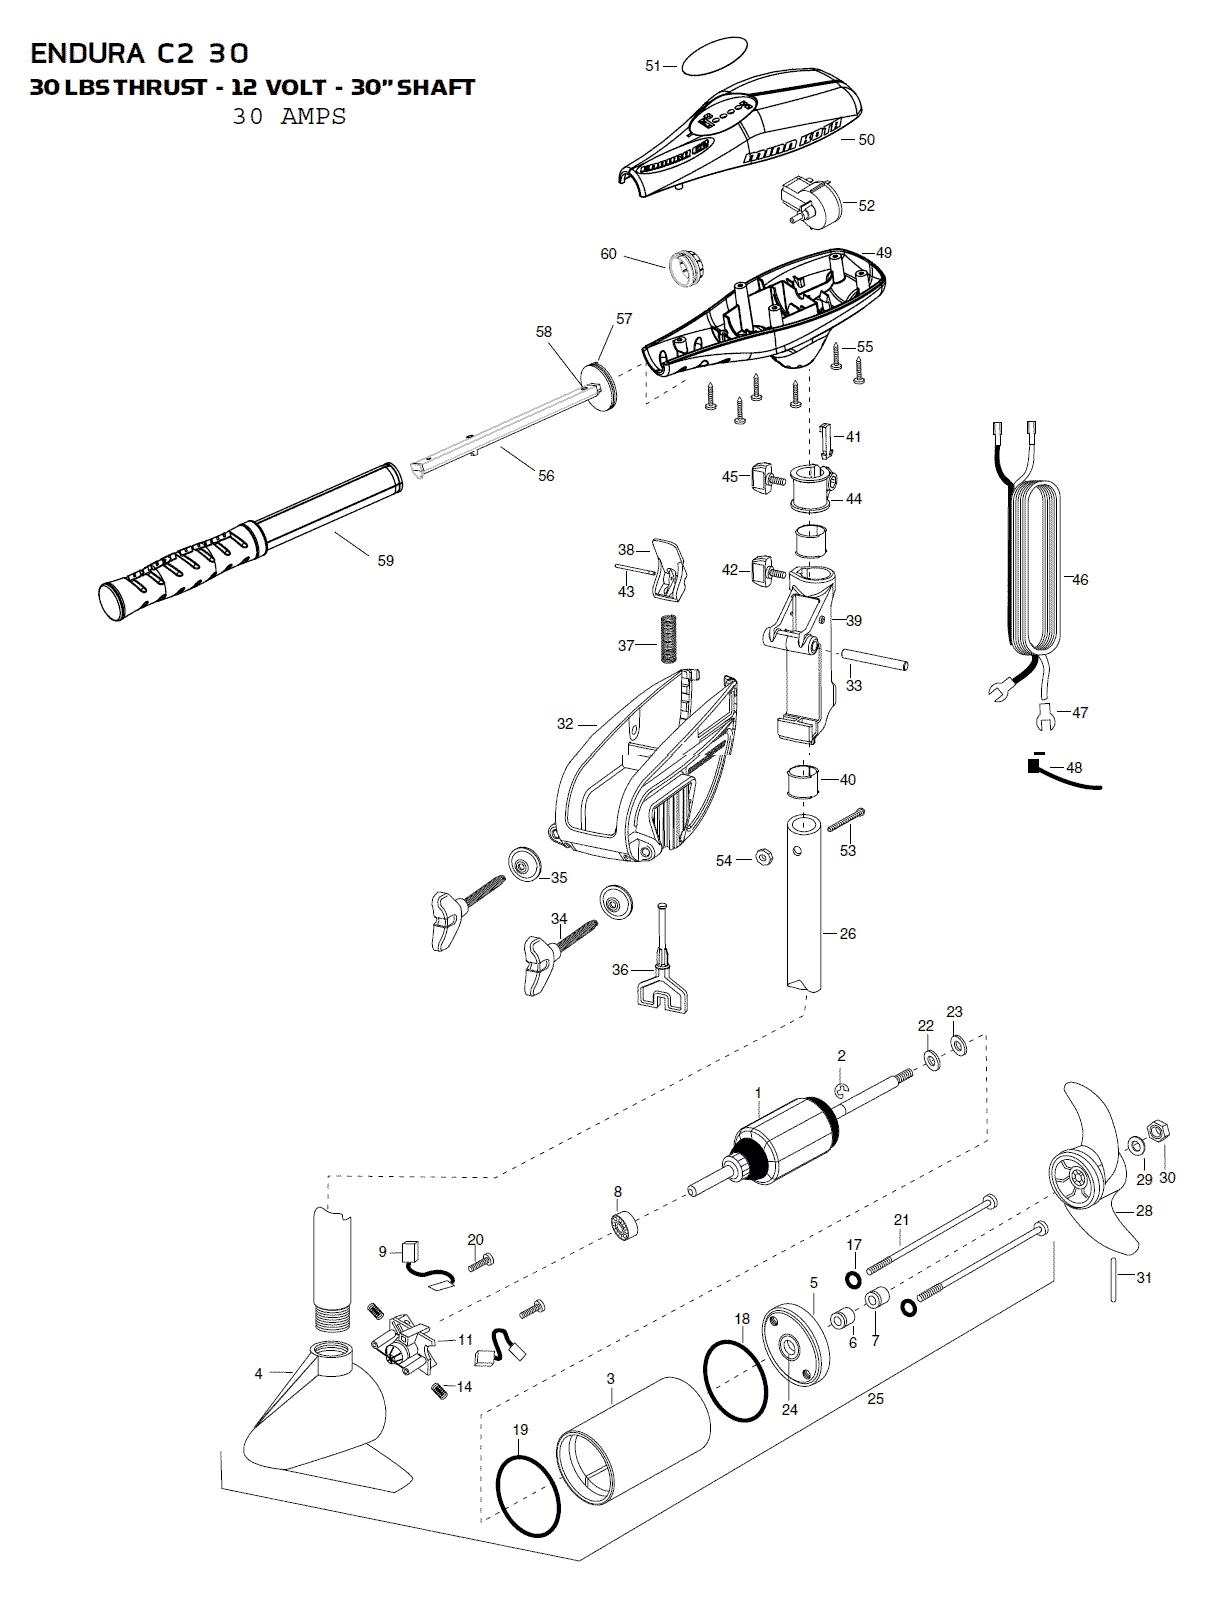 minn kota talon wiring diagram 2003 saab 9 3 radio endura c2 30 parts - 2015 from fish307.com